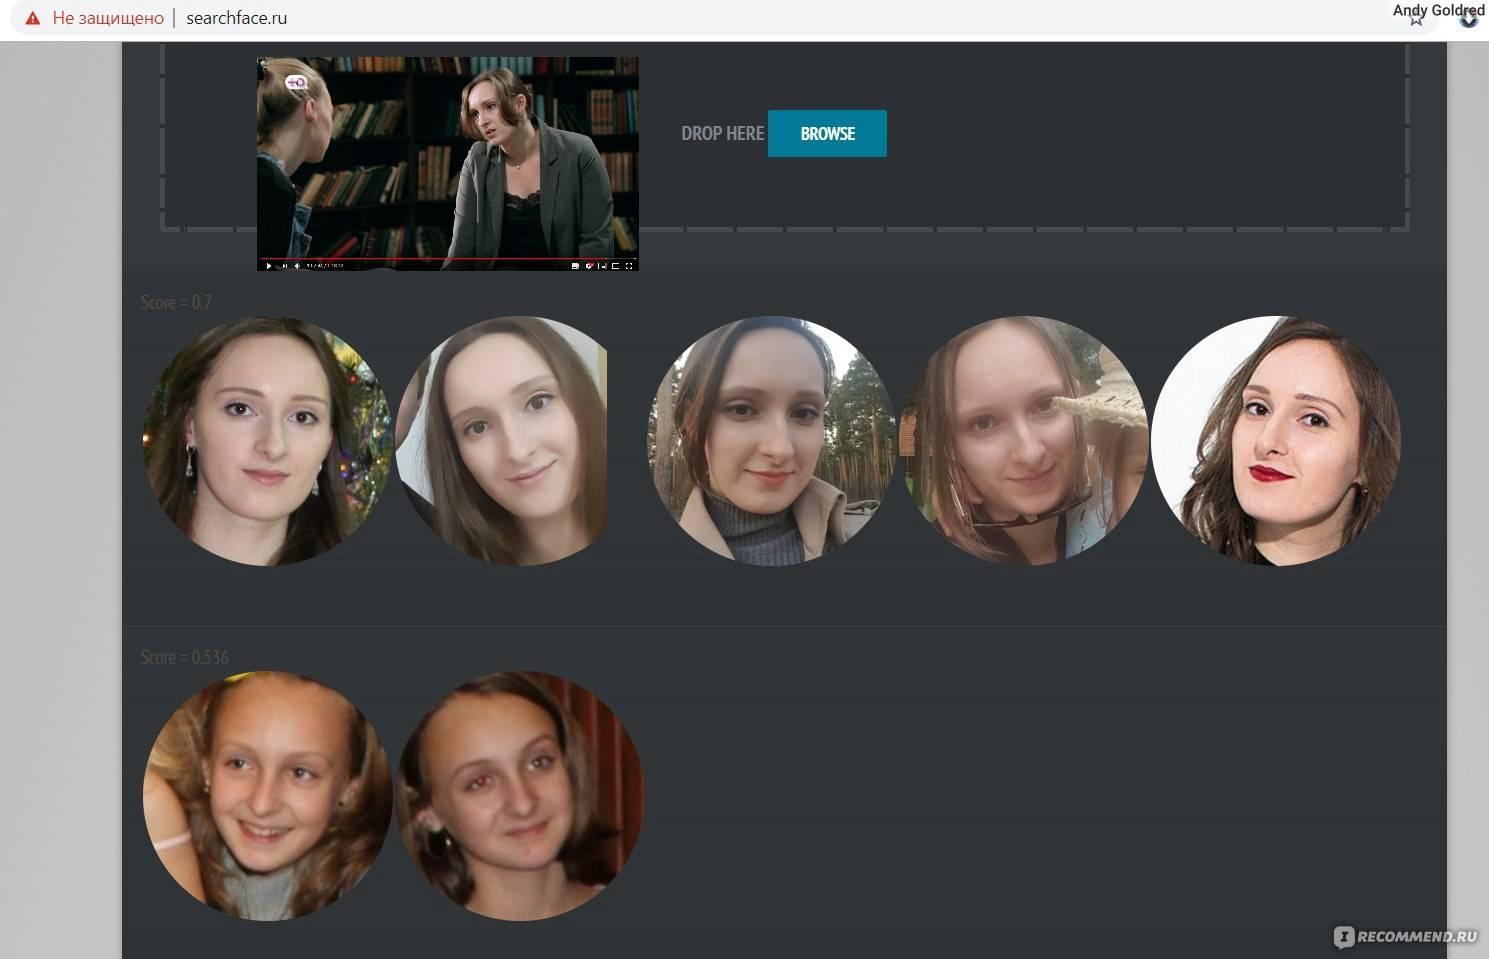 Психология инстаграма, или как расшифровать характер человека по профилю | vogue russia